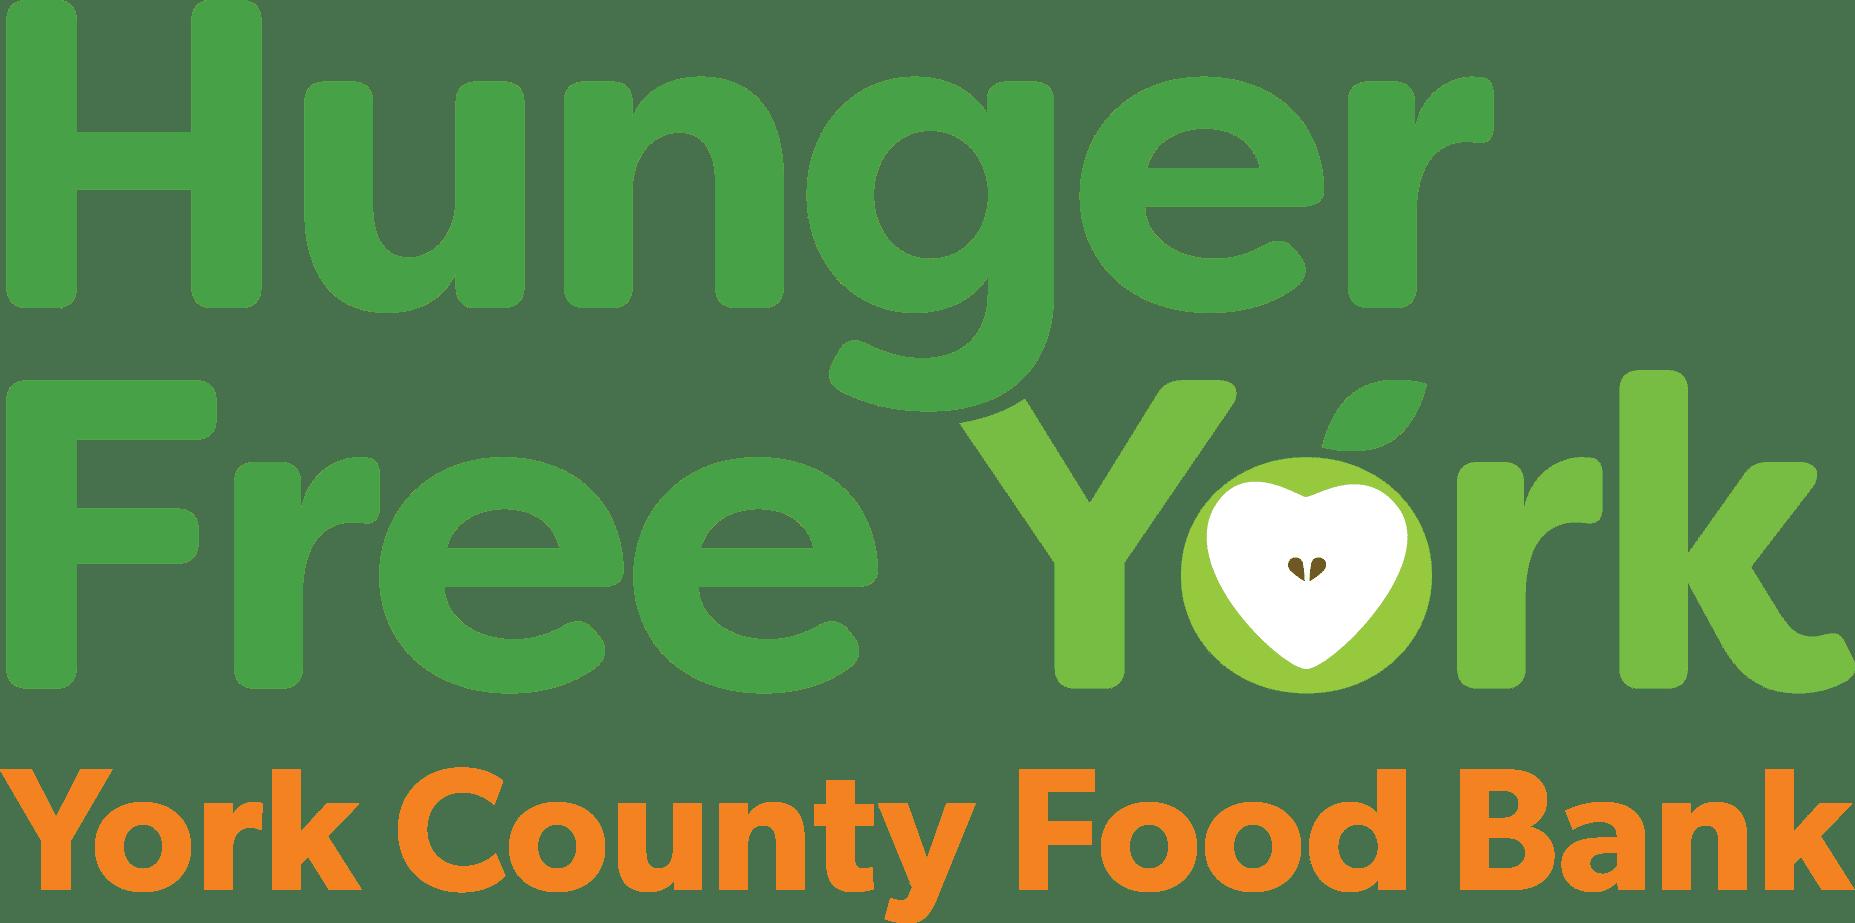 York County Food Bank